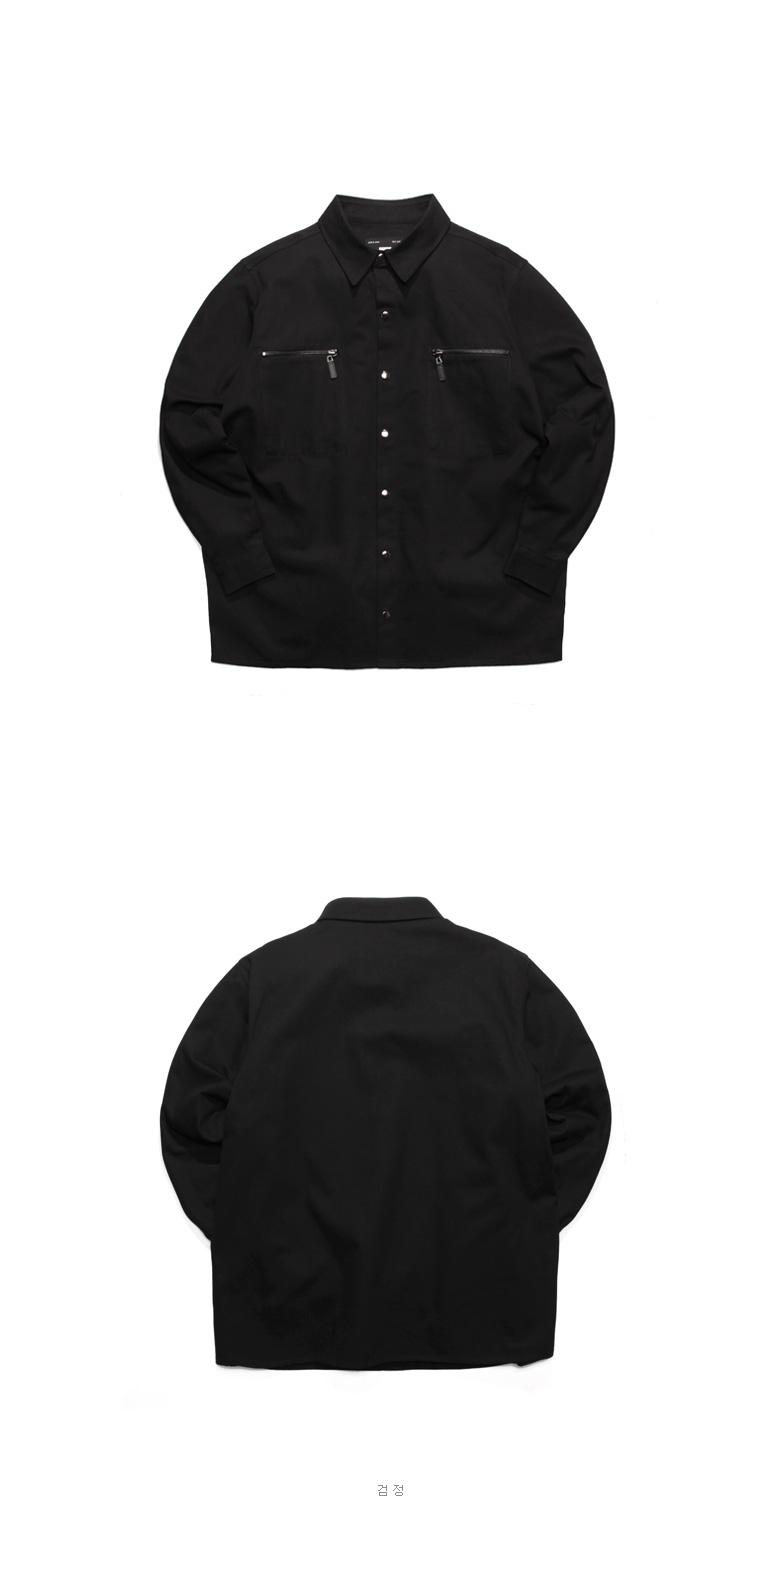 20180214_ps_roper_shirt_bk_uk_01.jpg